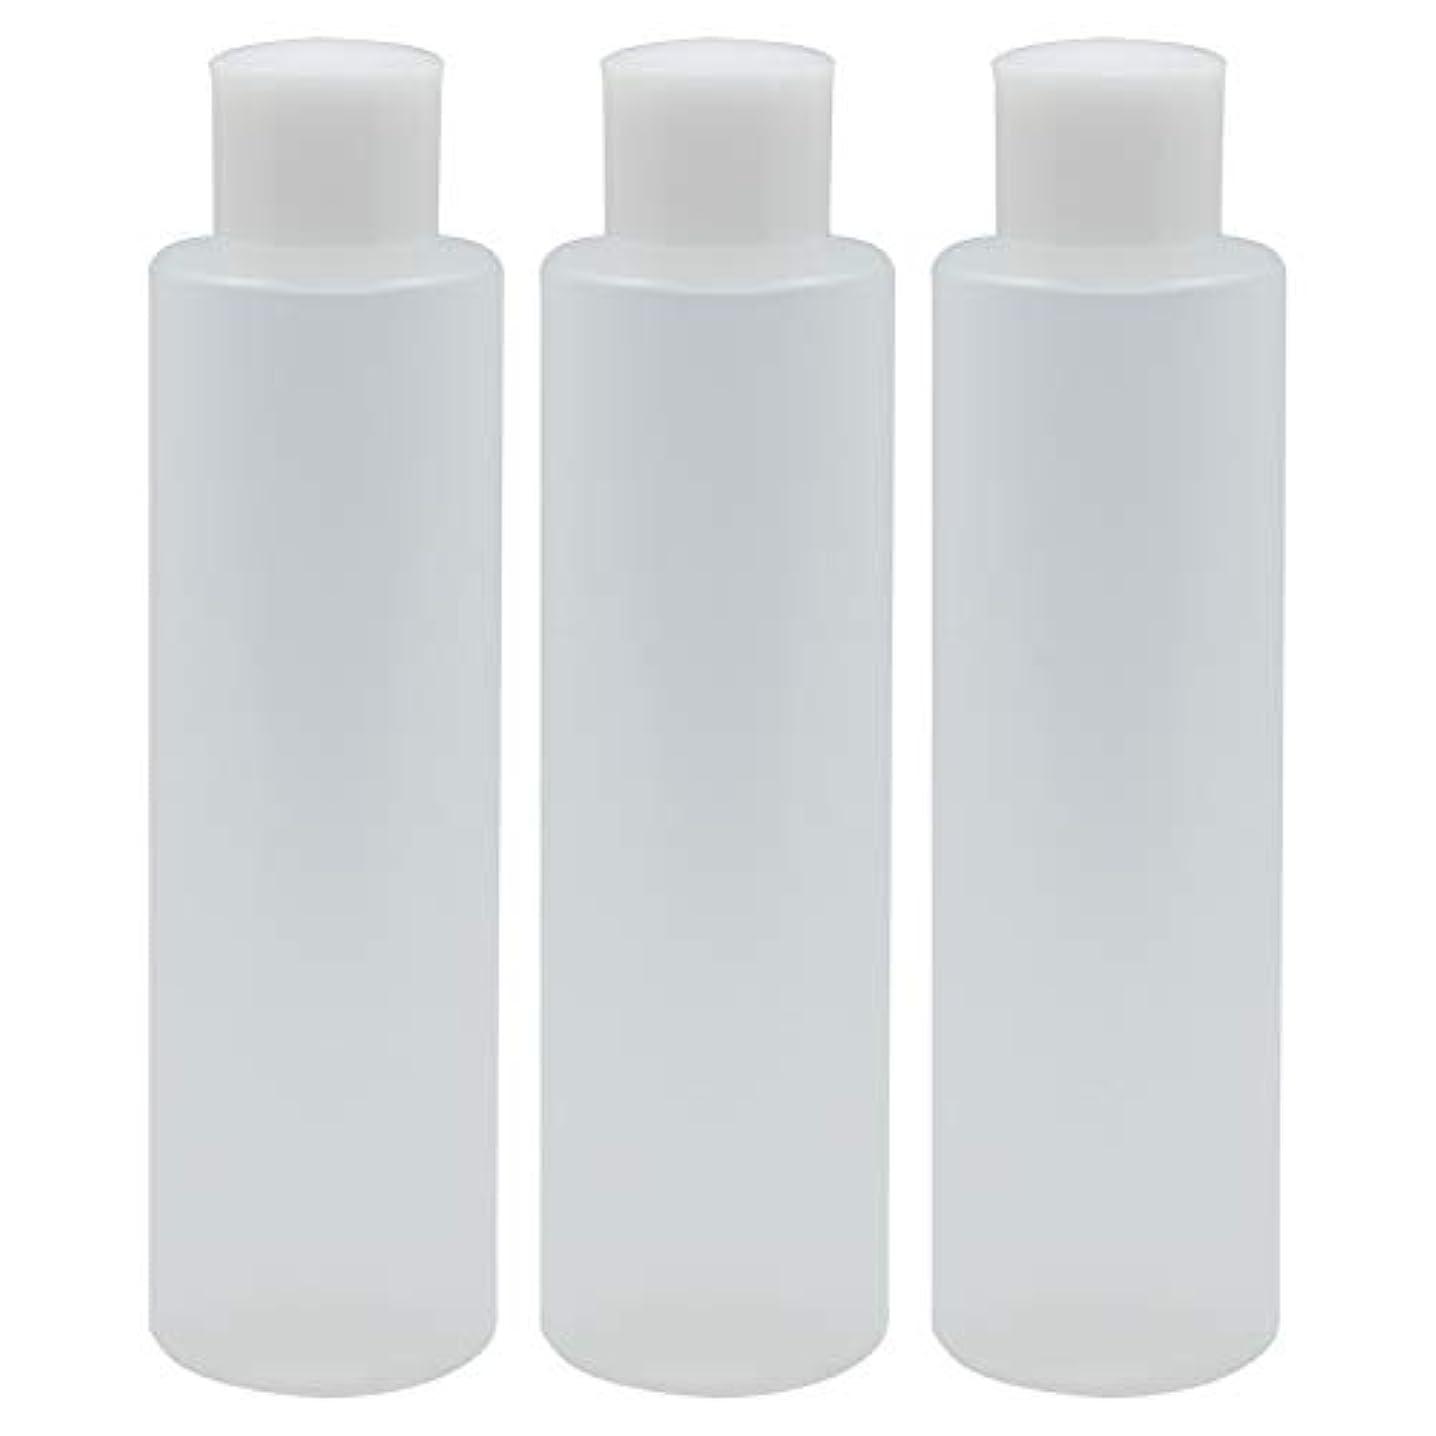 もちろん議題約束する日本製 PPボトル 半透明 スクリューキャップ 中栓付き 3本セット